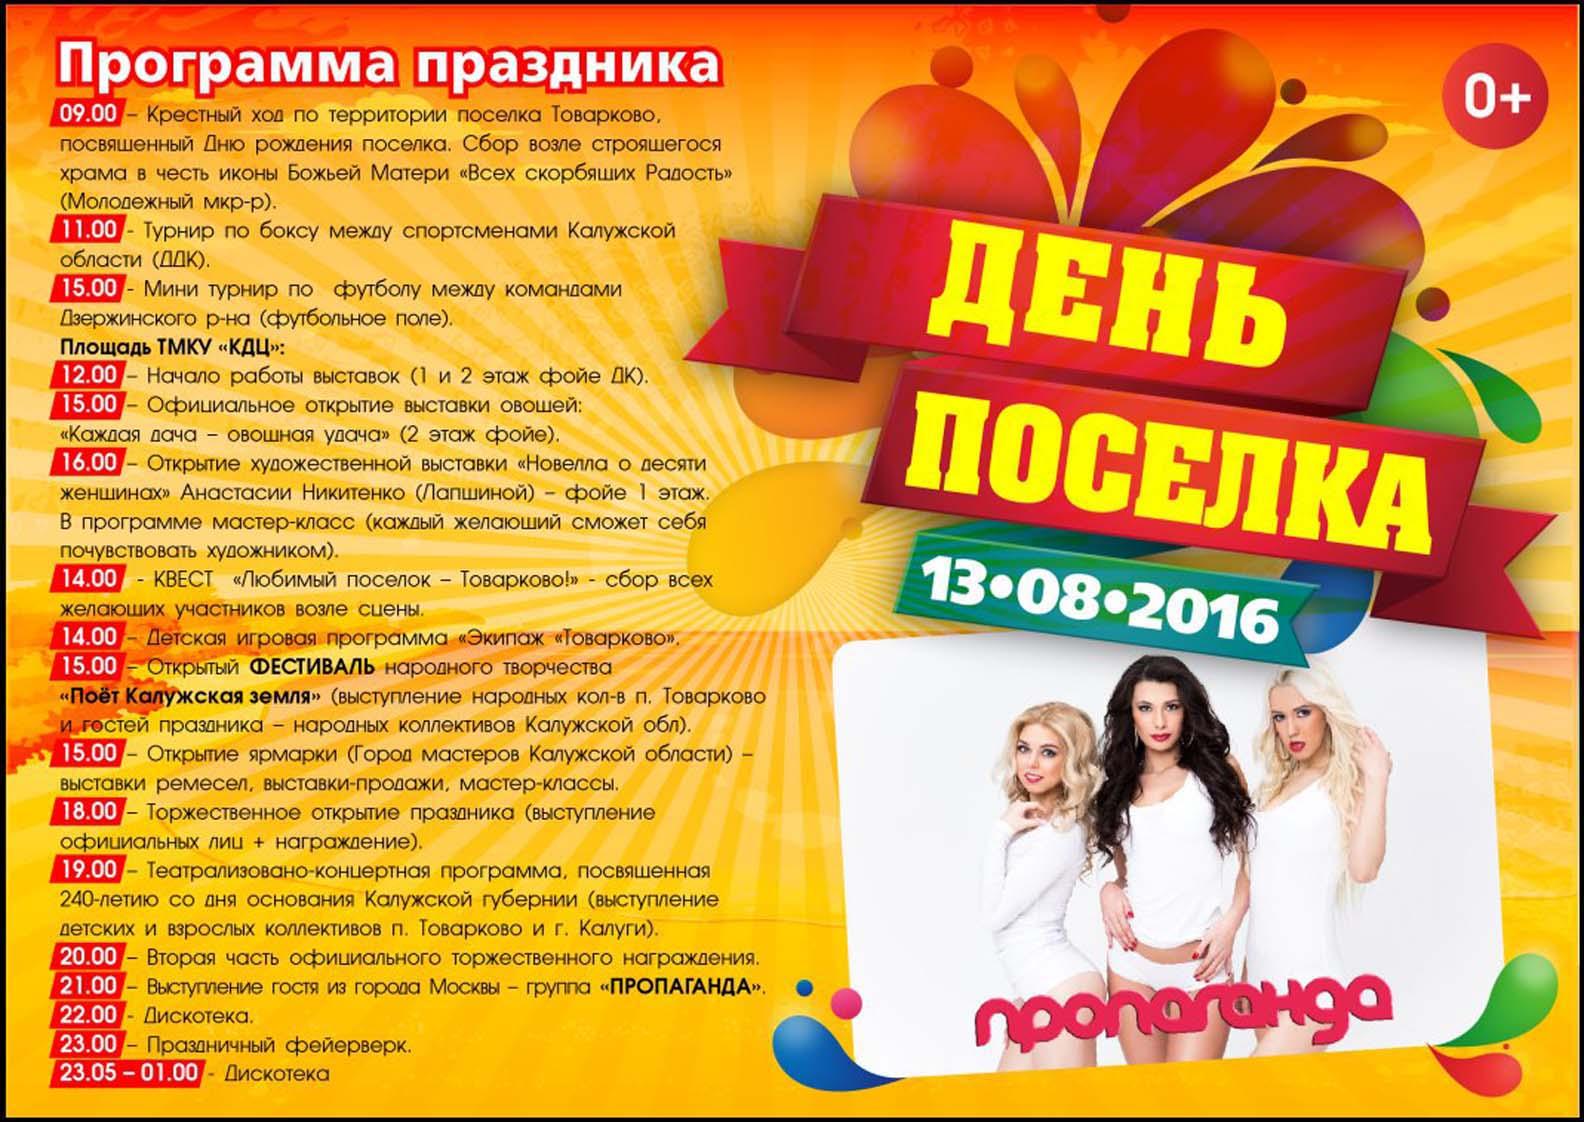 Сценарий концертной программы мы желаем счастья вам